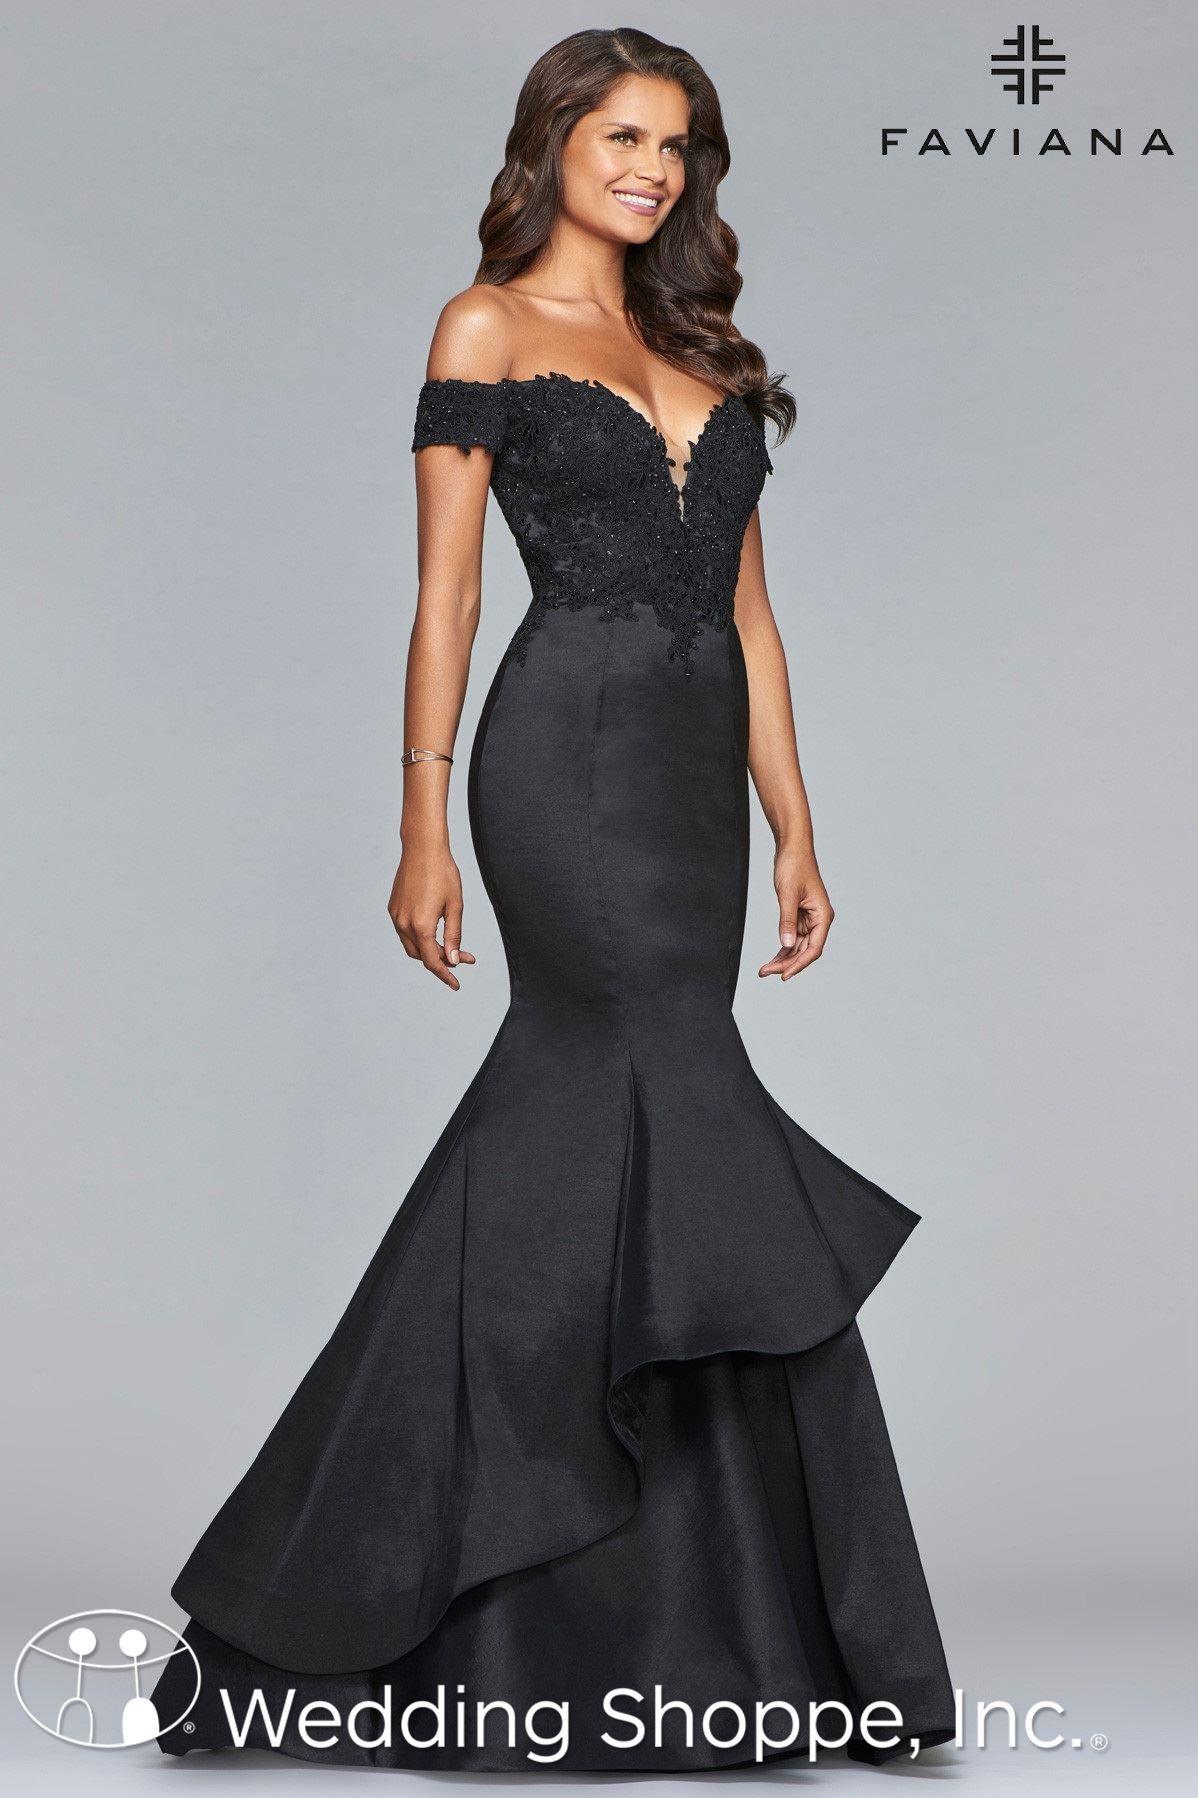 Faviana Prom Dress 10103 2436fe20b471